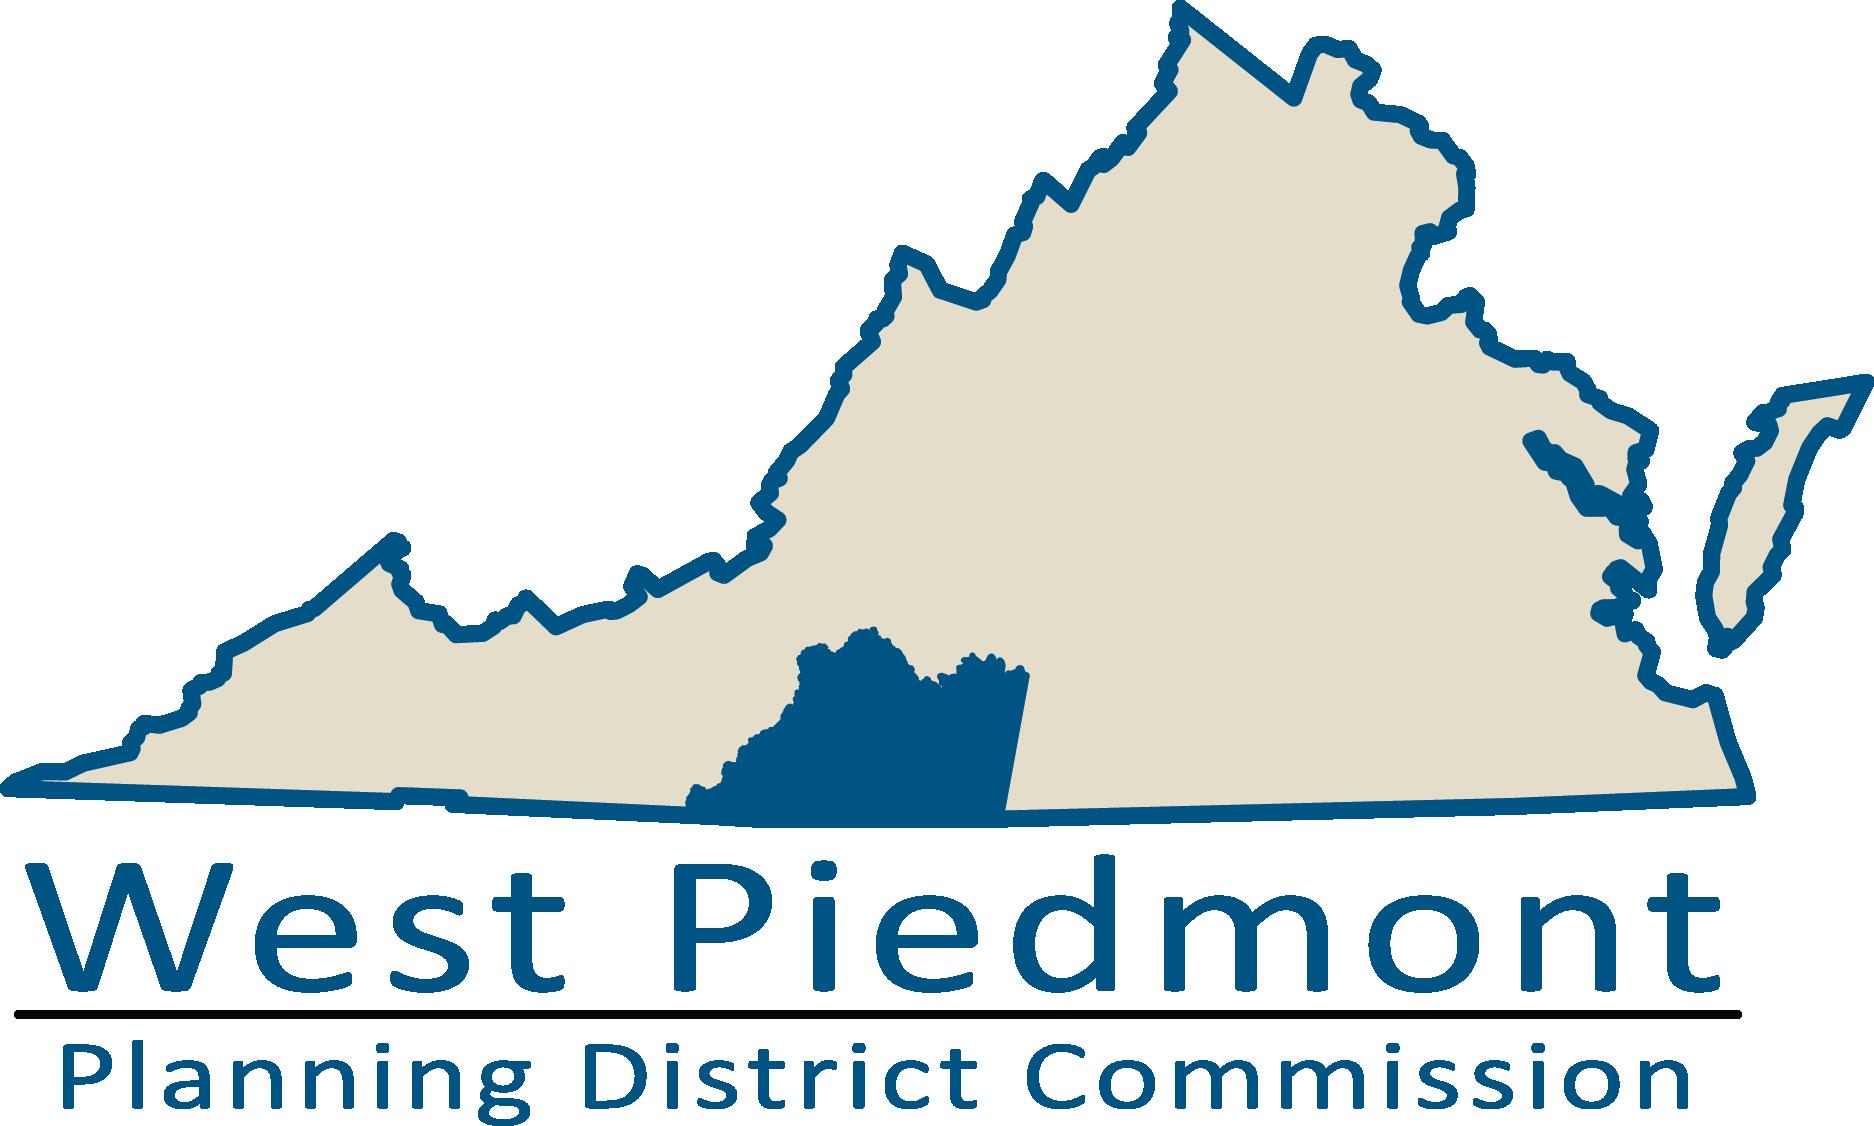 W Piedmont PDC